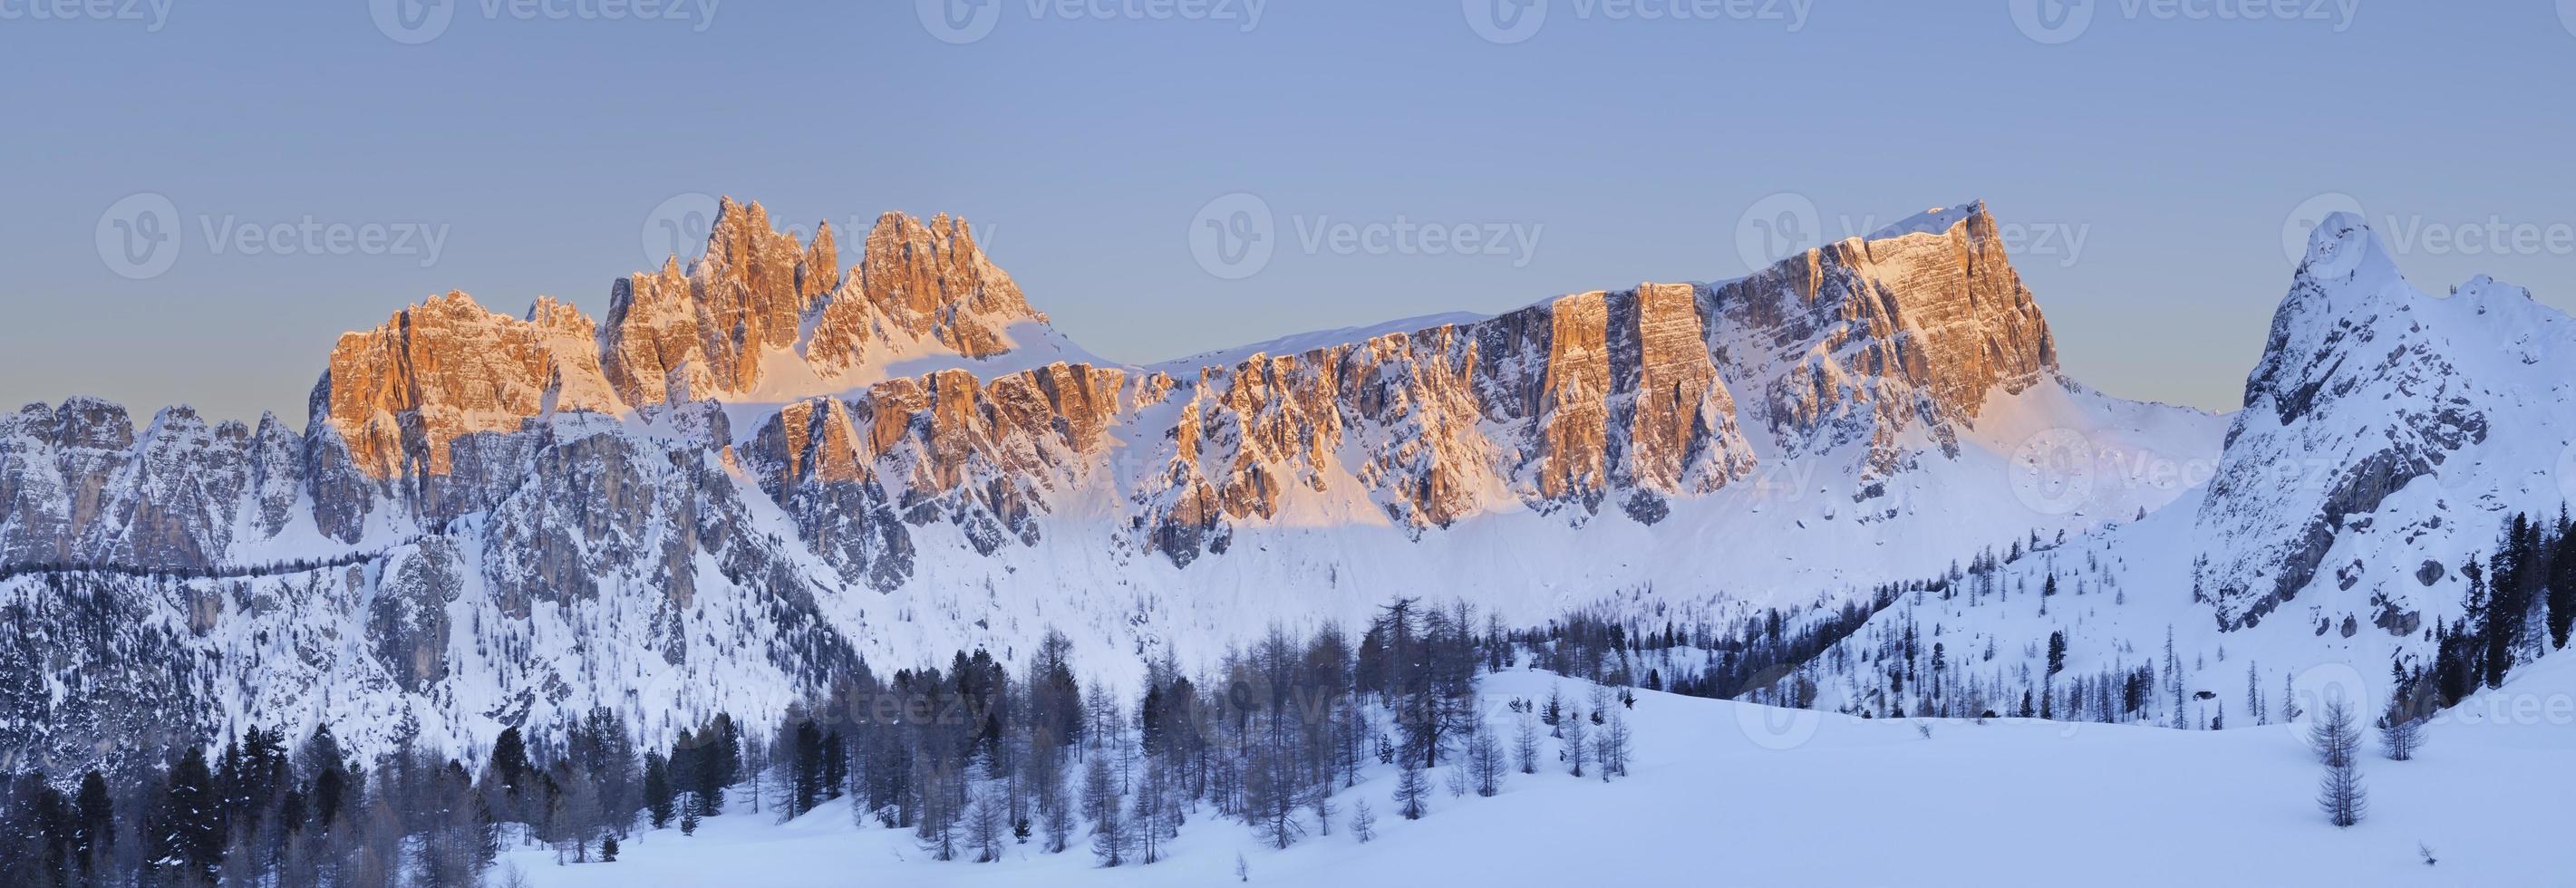 croda da lago vid solnedgången (Dolomiterna - Italien) foto